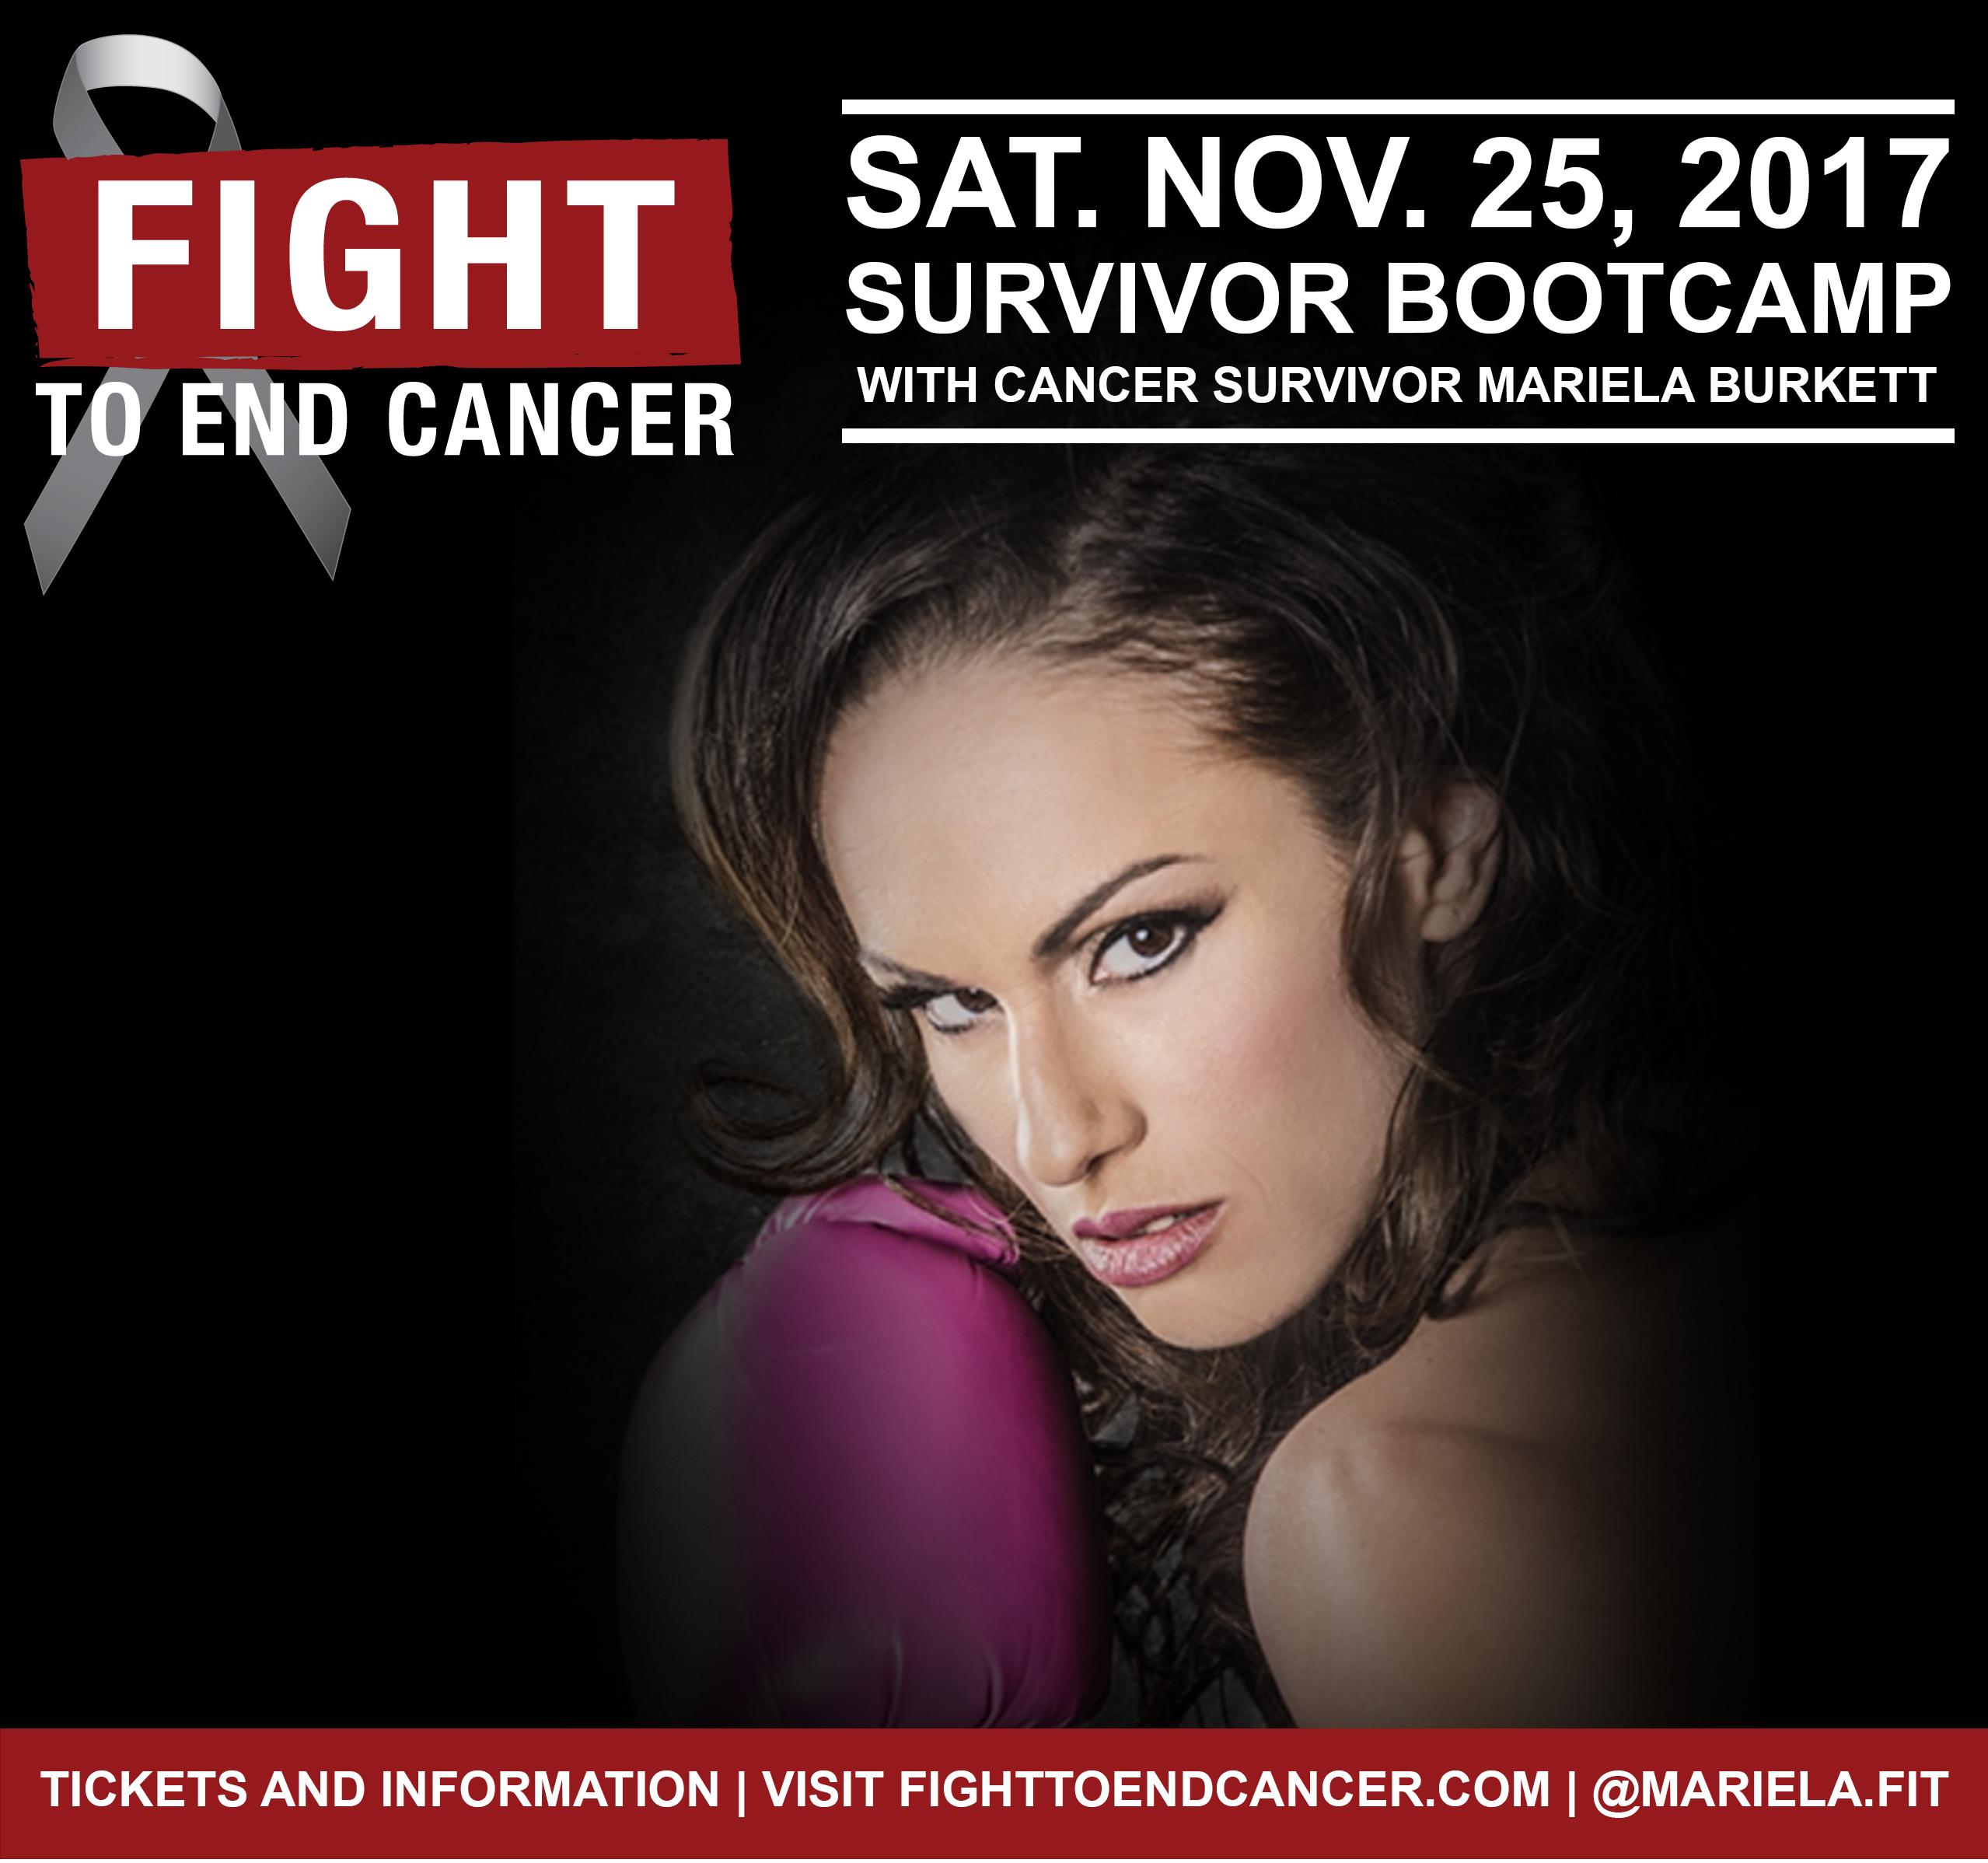 Small_Survivor Bootcamp_Mariela Burkett_Nov2017